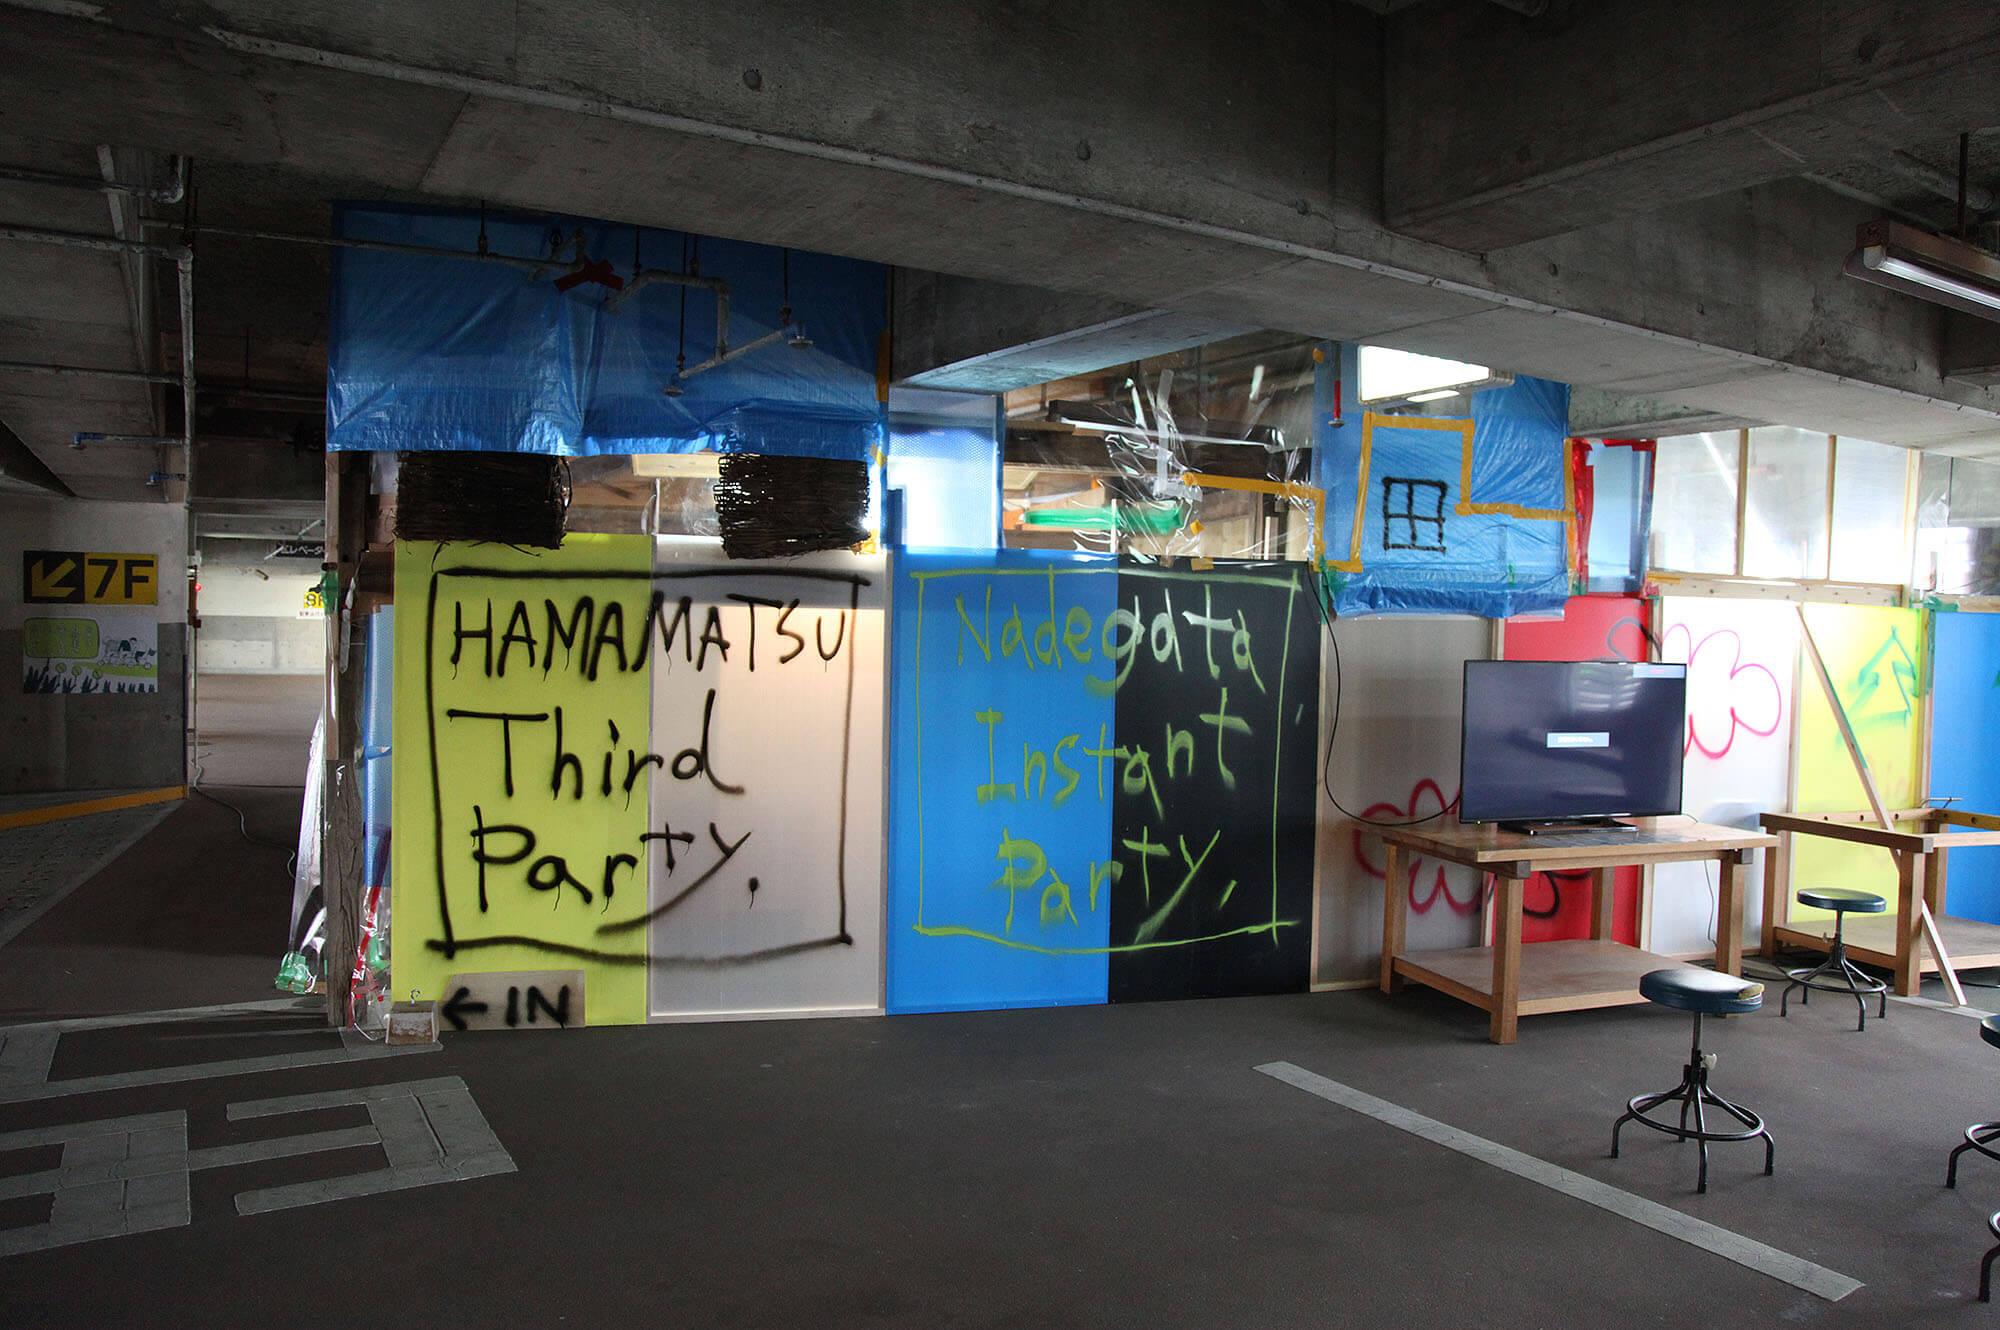 ナデガタ・インスタント・パーティー HAMAMATSU Third Party 現代美術 Contemporary Art